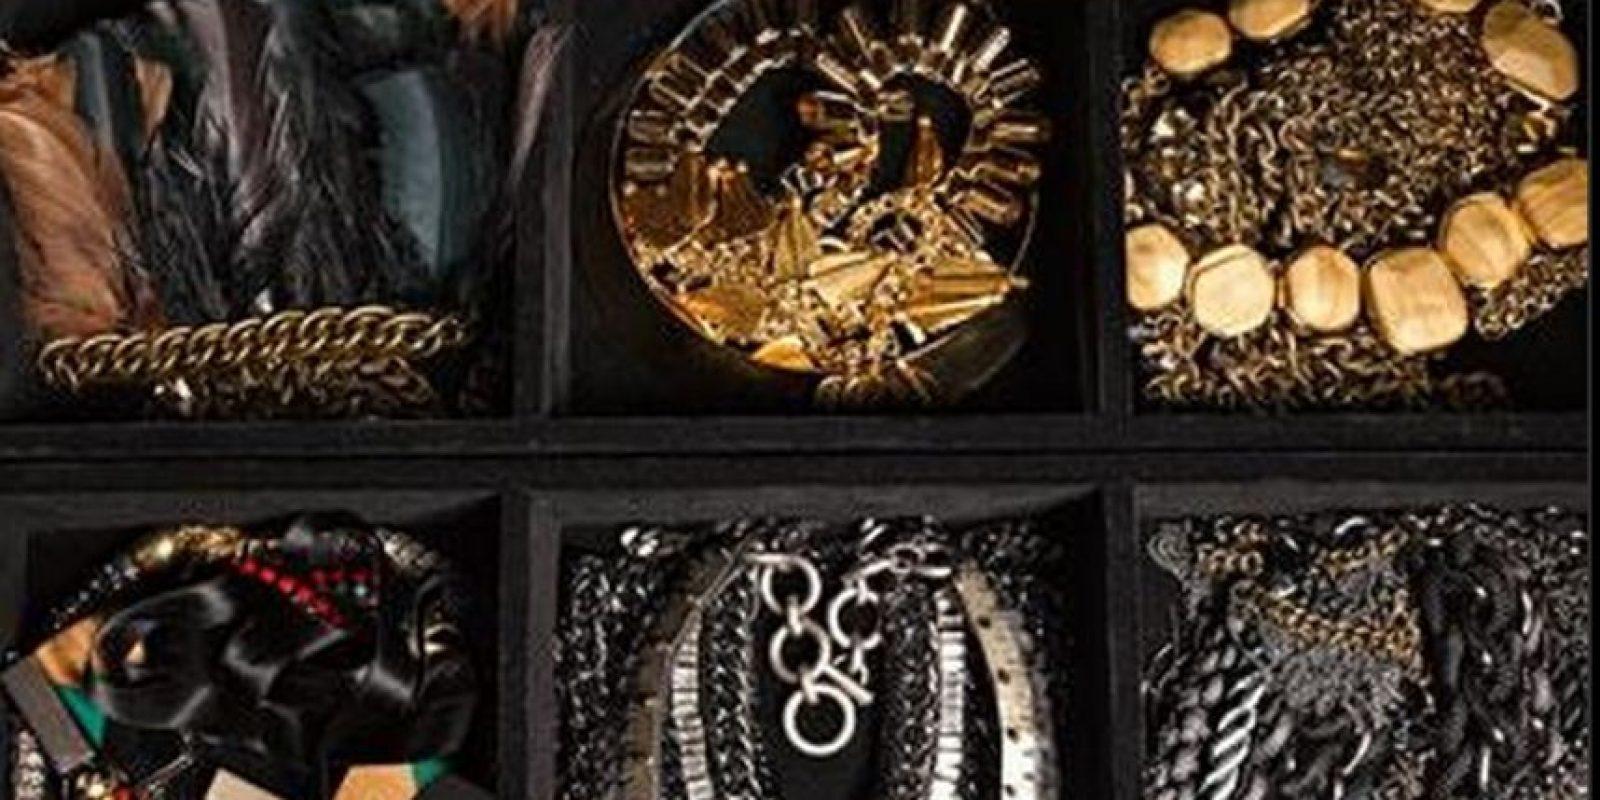 En la joyería le encantas las piezas grandes y gruesas Foto:Vía instyle.com